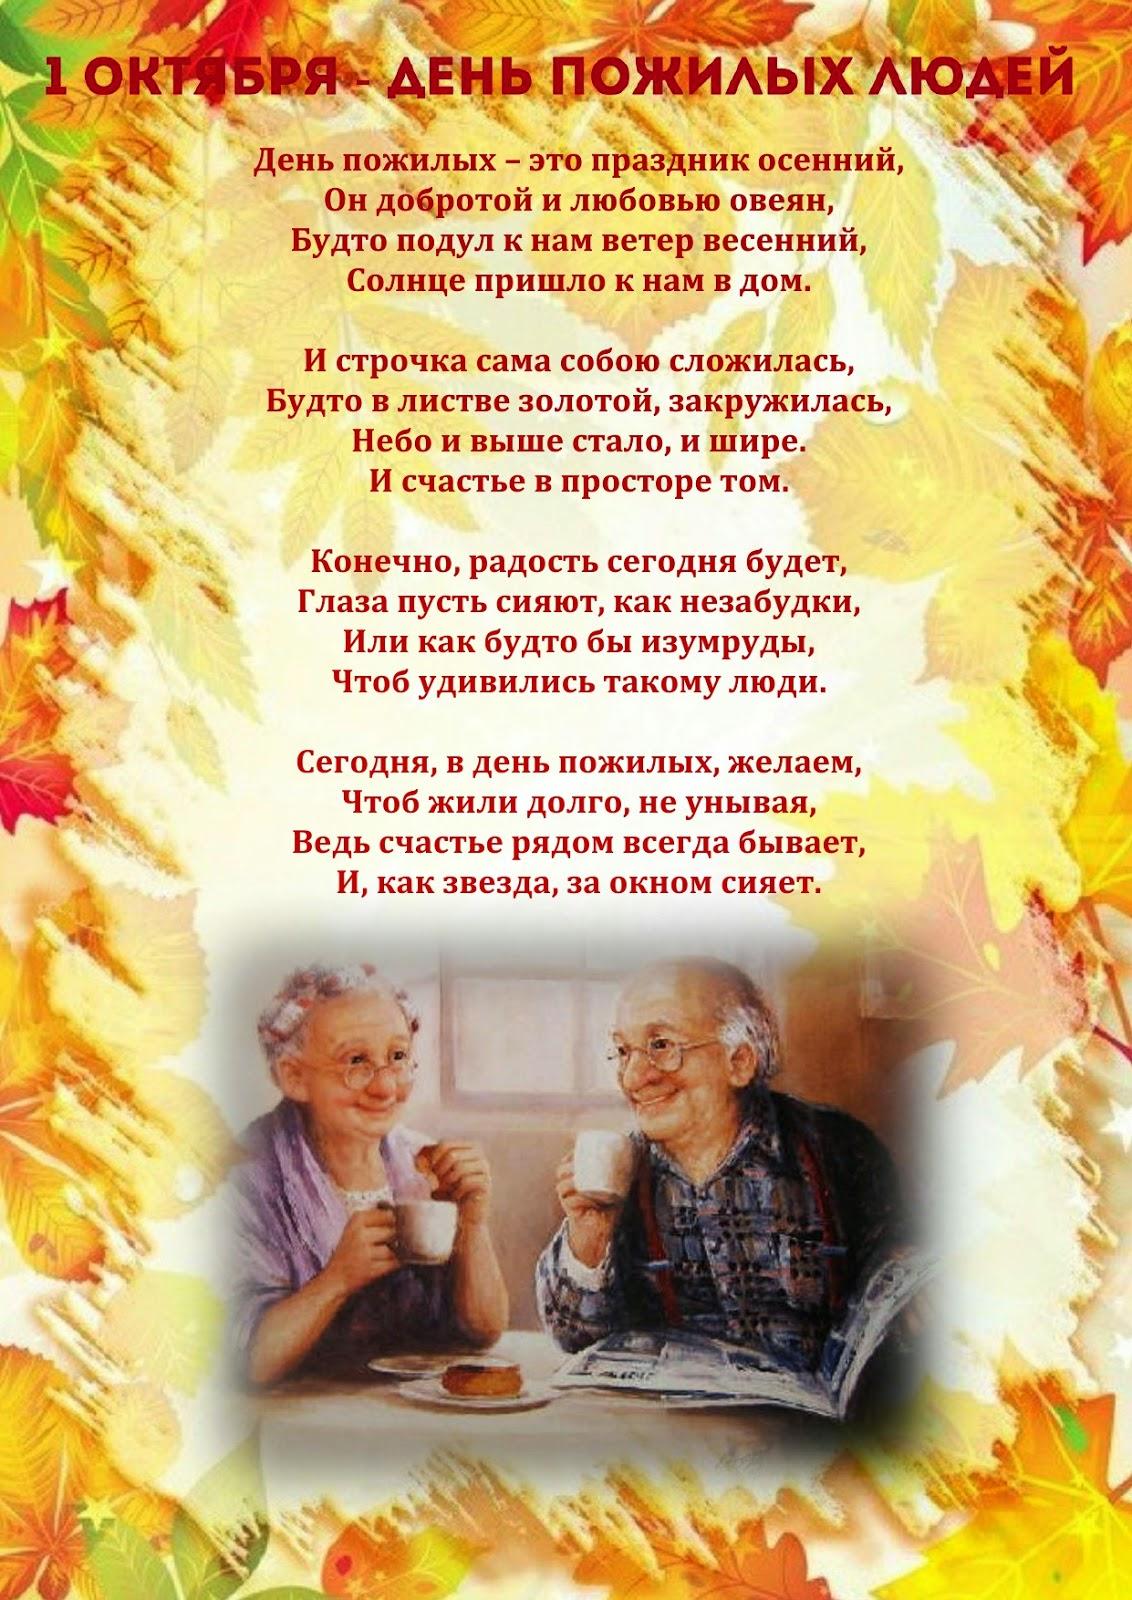 Поздравленья с днем пожилого человека